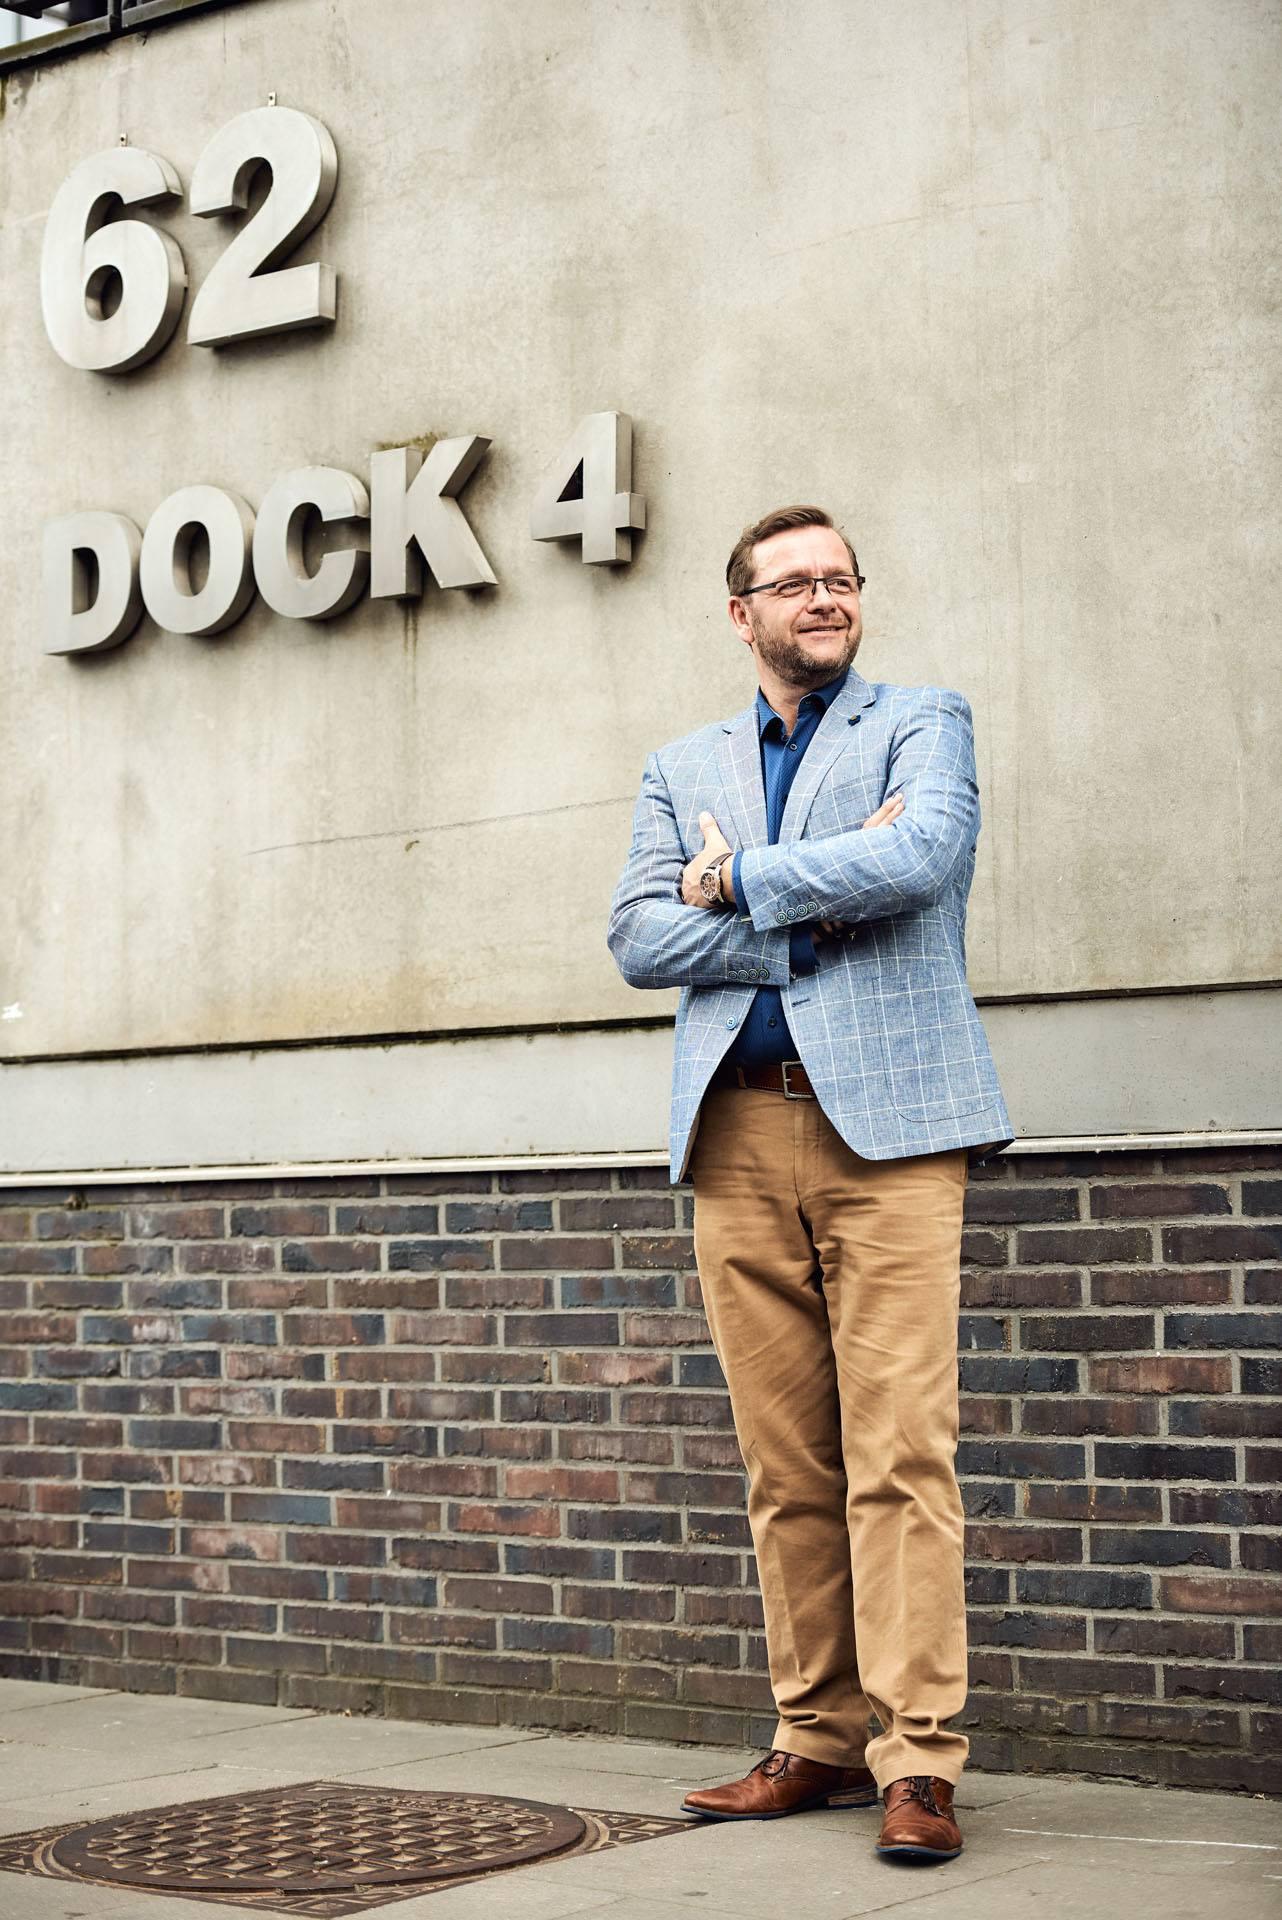 Hypnose-Therapeut im Anzug steht Portrait vor großen Buchstaben im Dock 4 im Hambuger Hafen